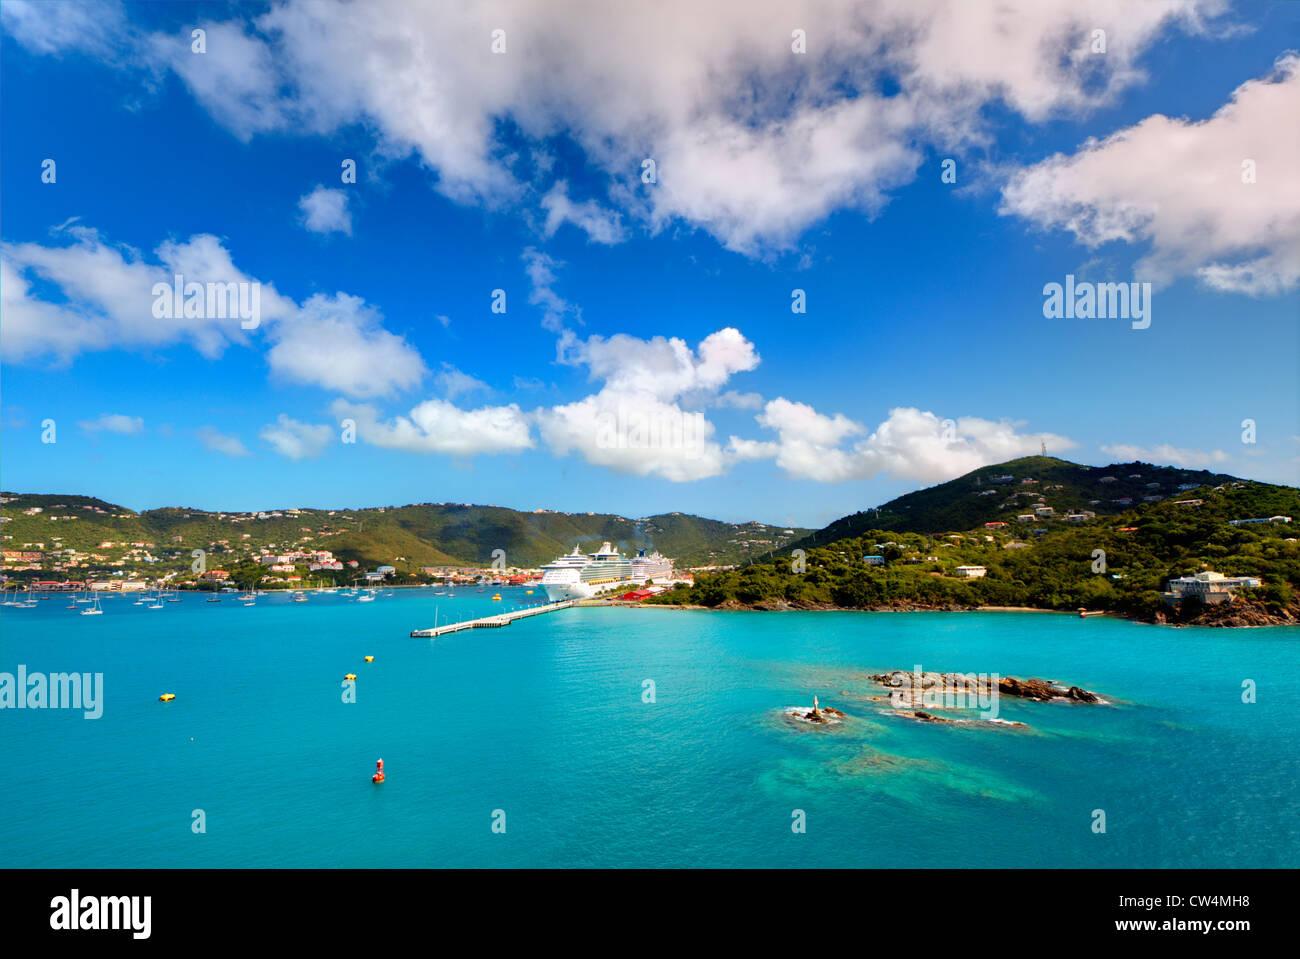 Küste von Charlotte Amalie auf St. Thomas, Amerikanische Jungferninseln. Stockbild